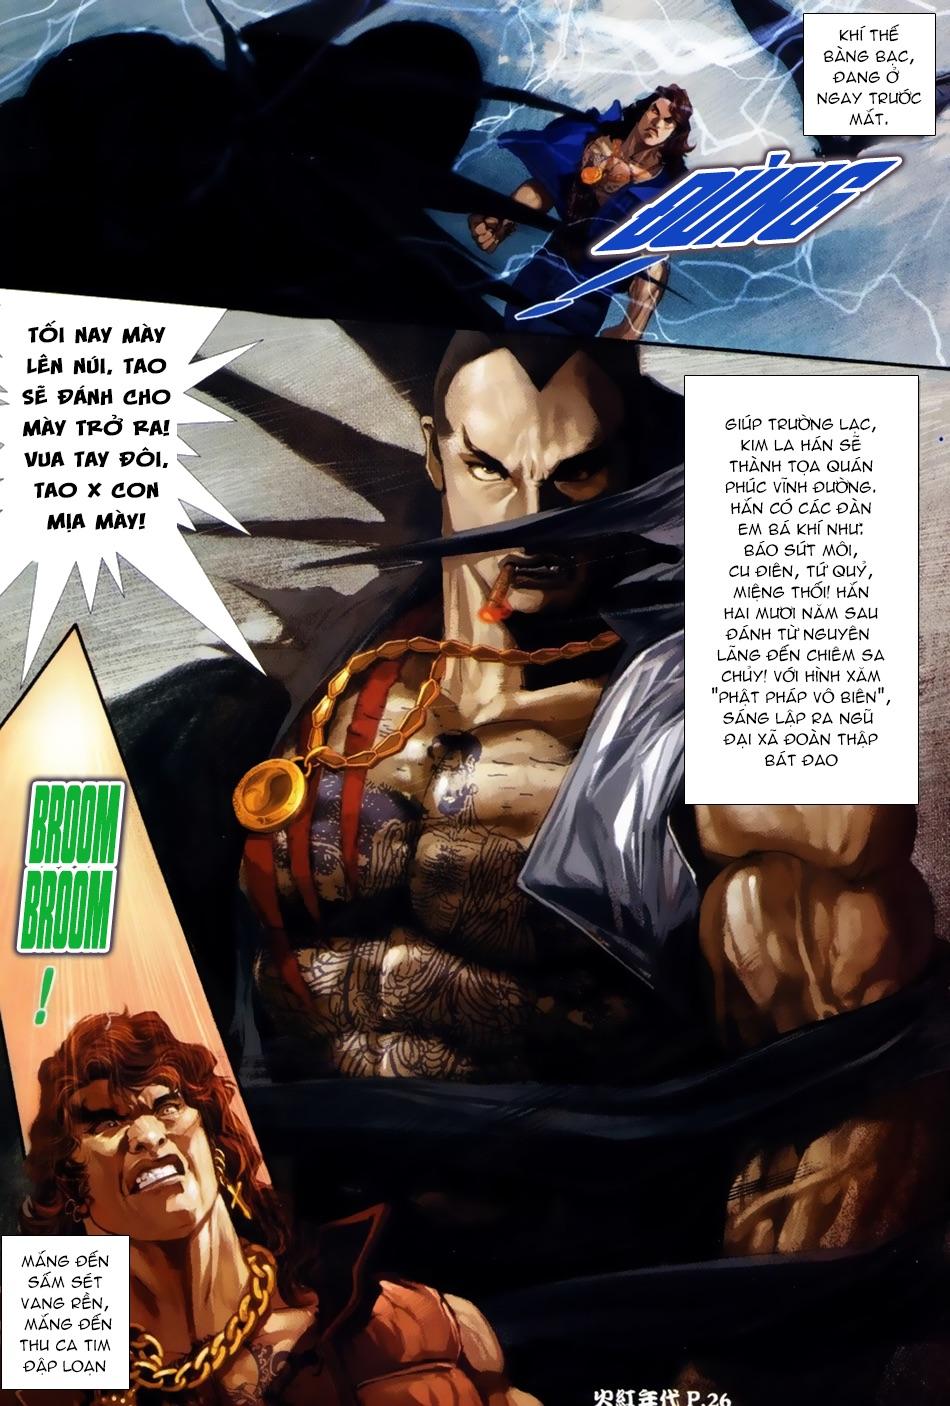 Hỏa Hồng Niên Đại Hắc Cốt Đường Chapter 47 - BigTruyen.net